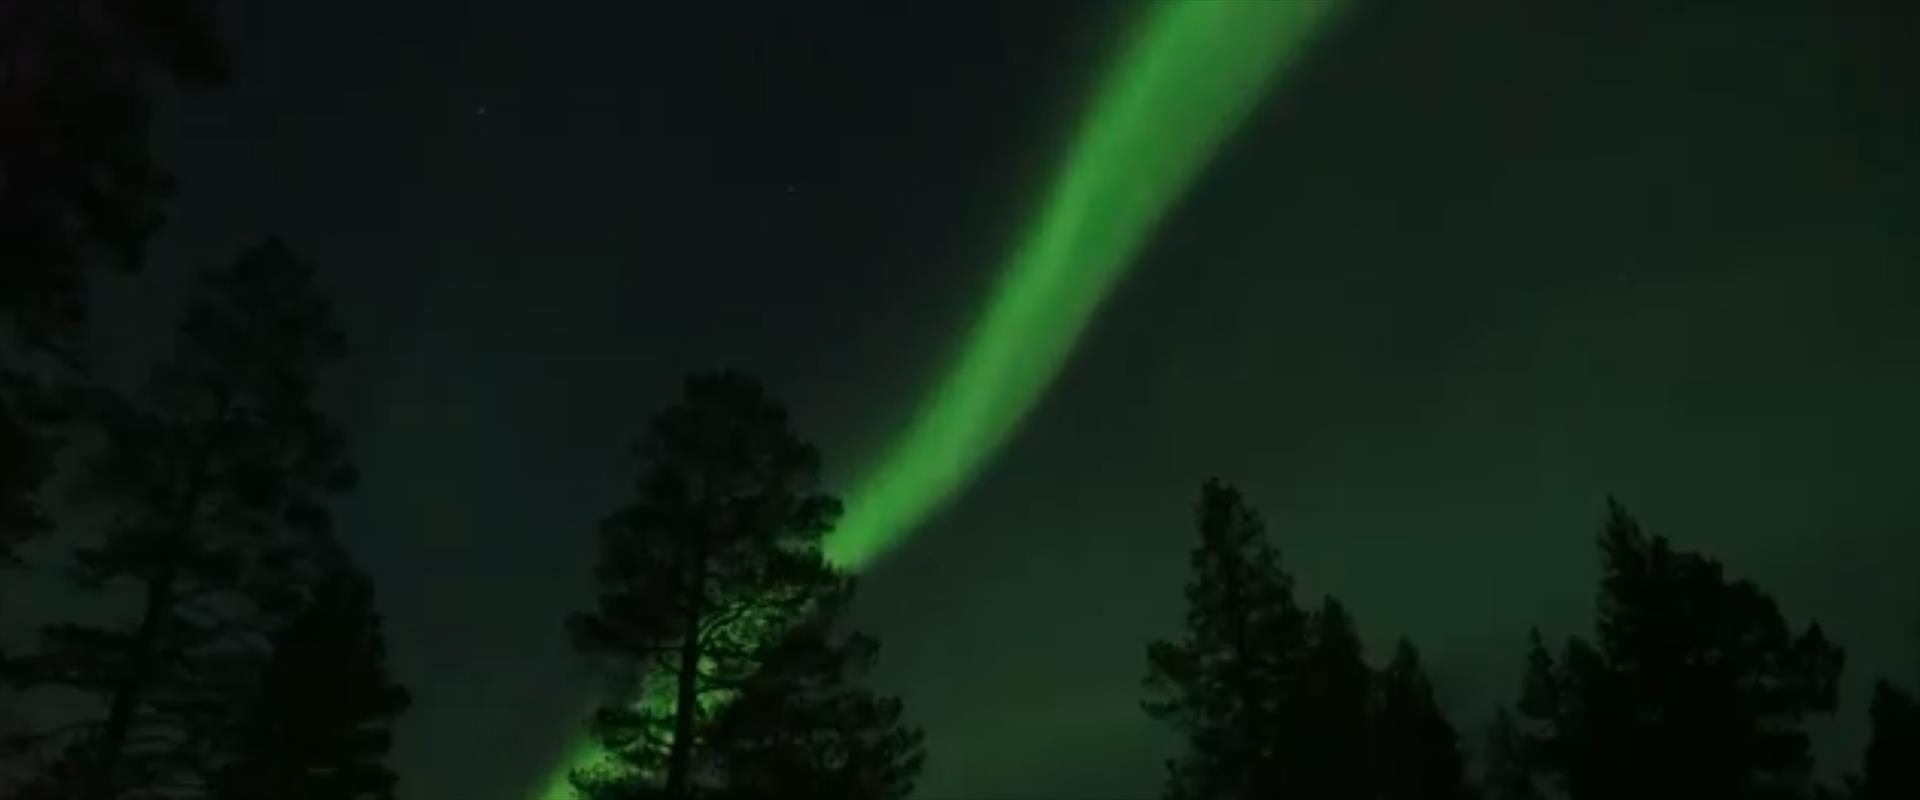 הירוק בשמיים הנורדיים